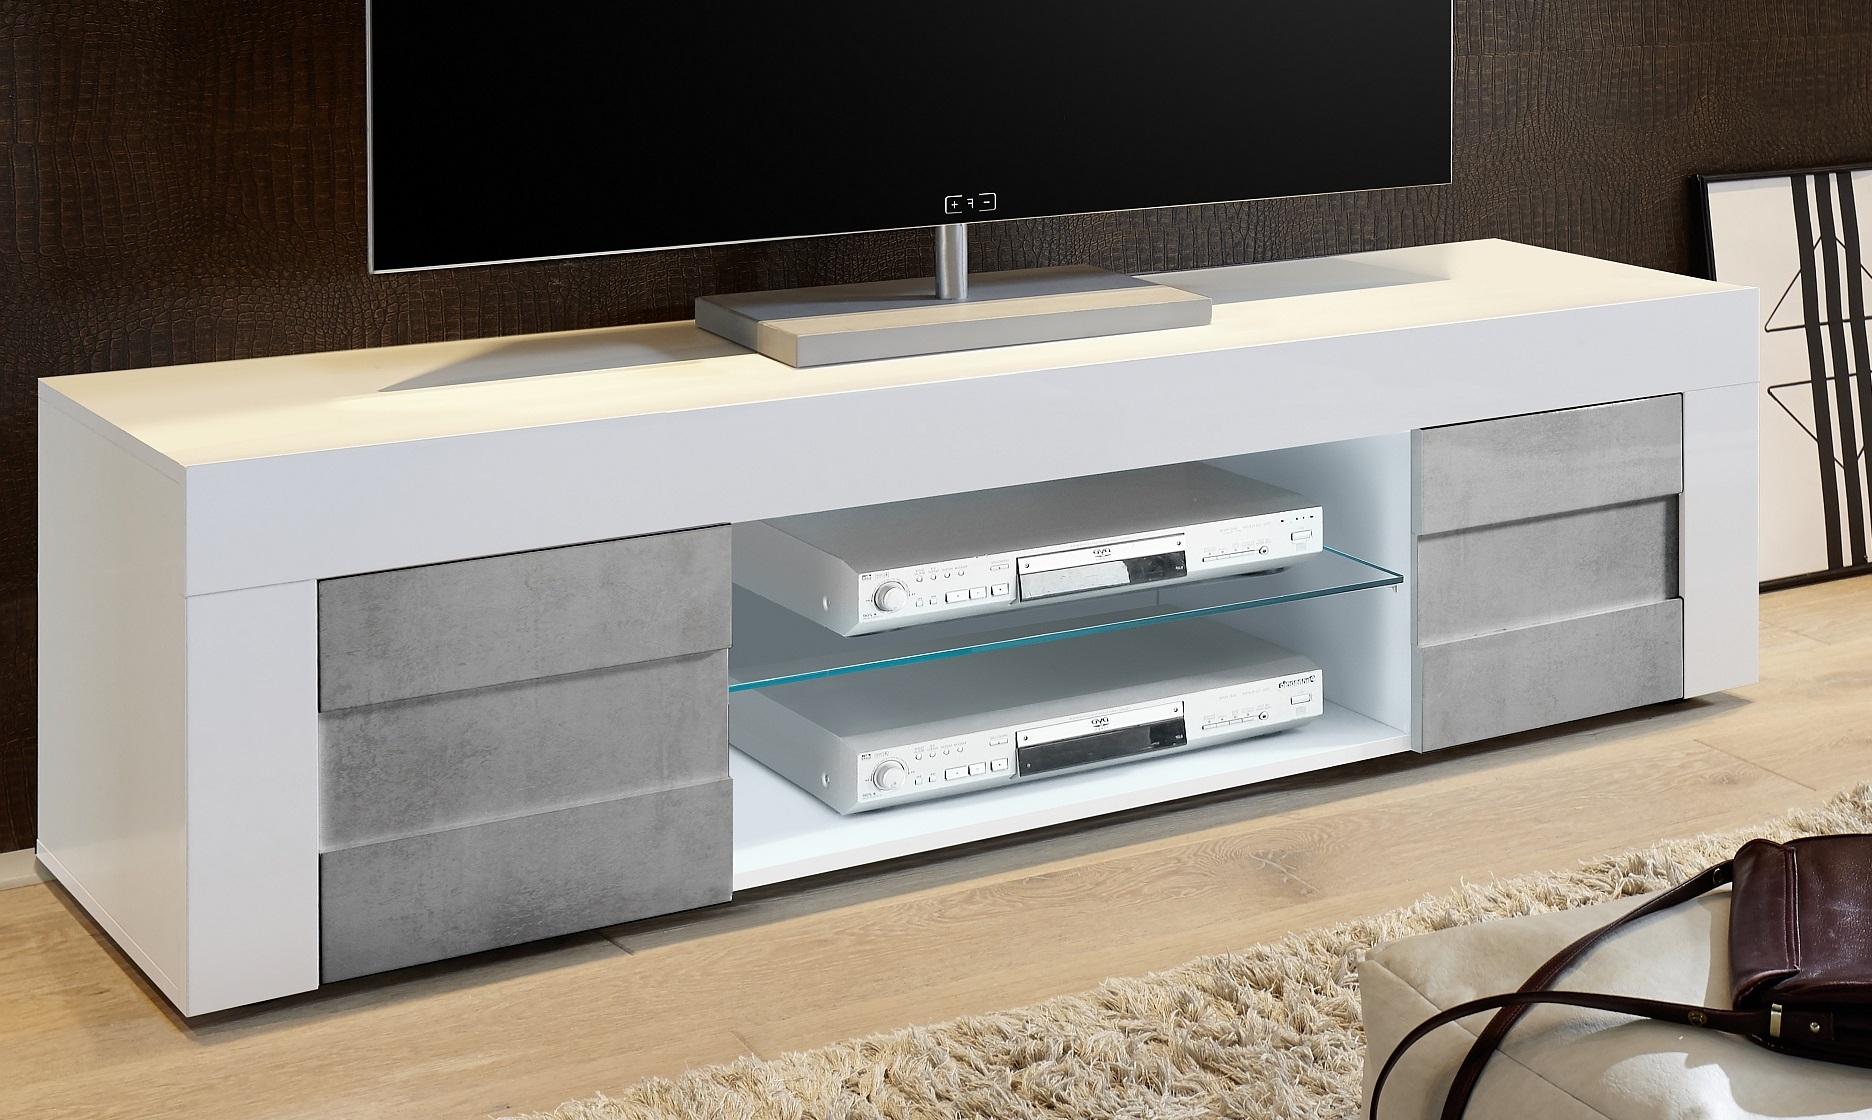 Tv Meubel Design Hoogglans Wit.Tv Meubel Easy 181 Cm Breed Hoogglans Wit Met Grijs Beton